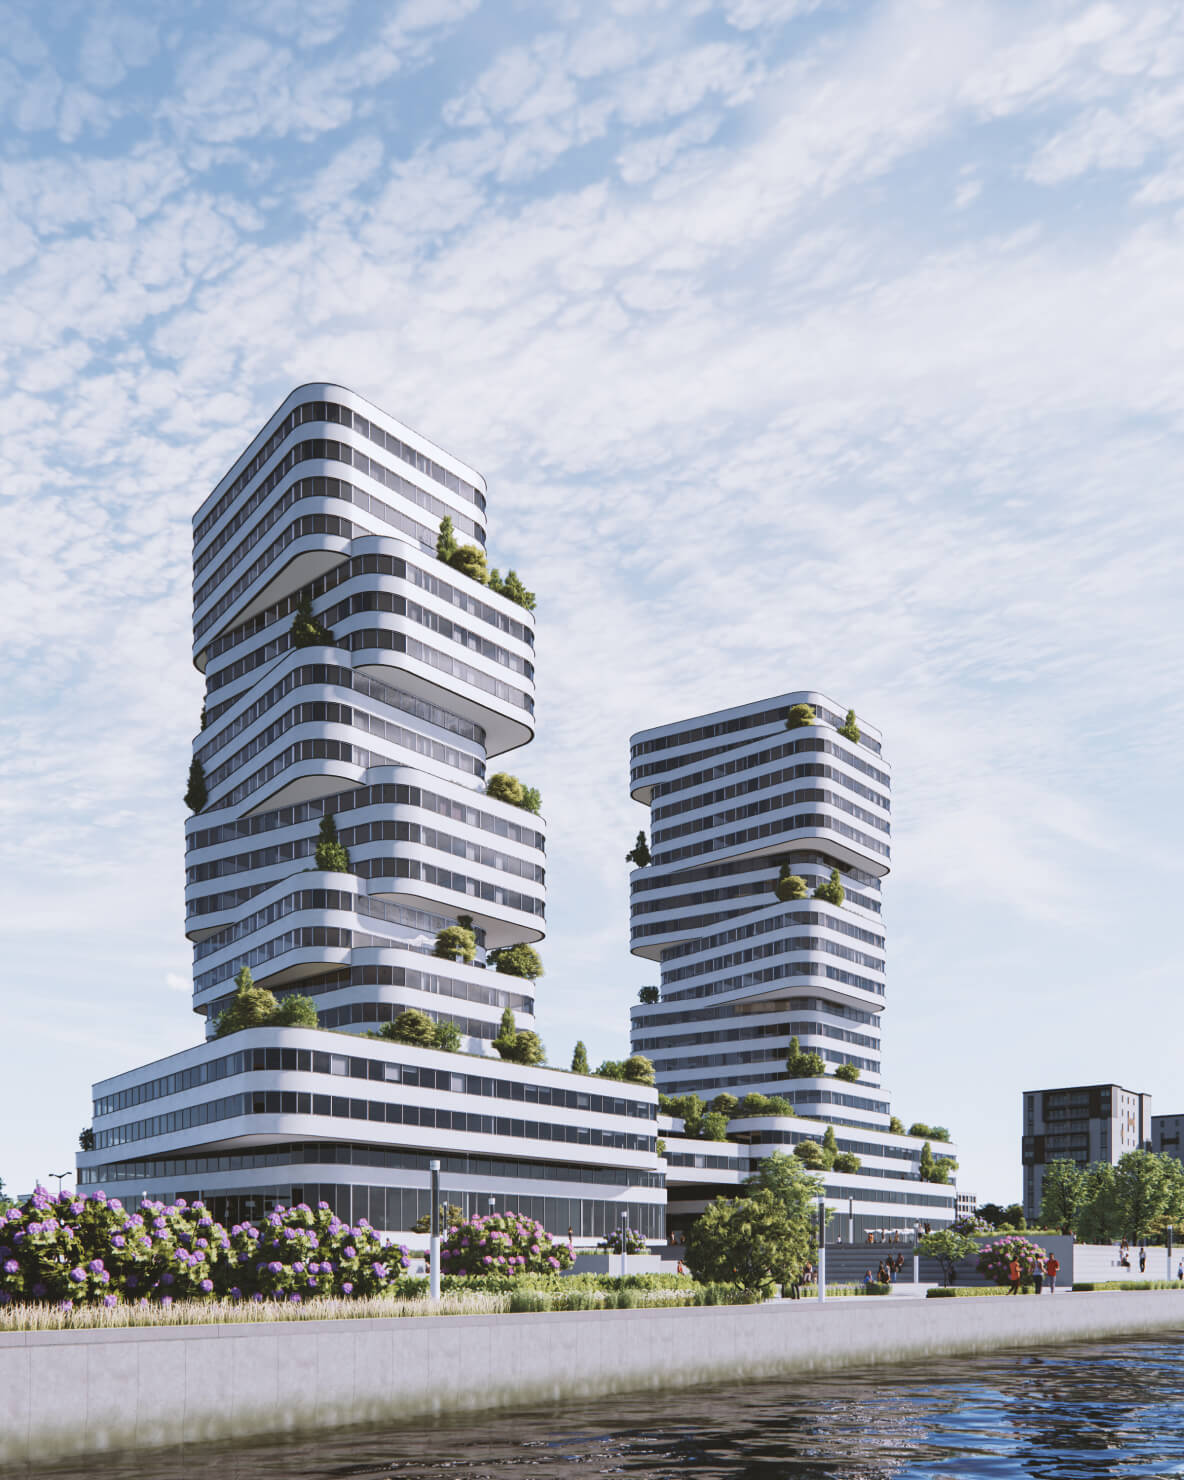 Nowoczesne wieżowce w przestrzeni miejskiej nad rzeką